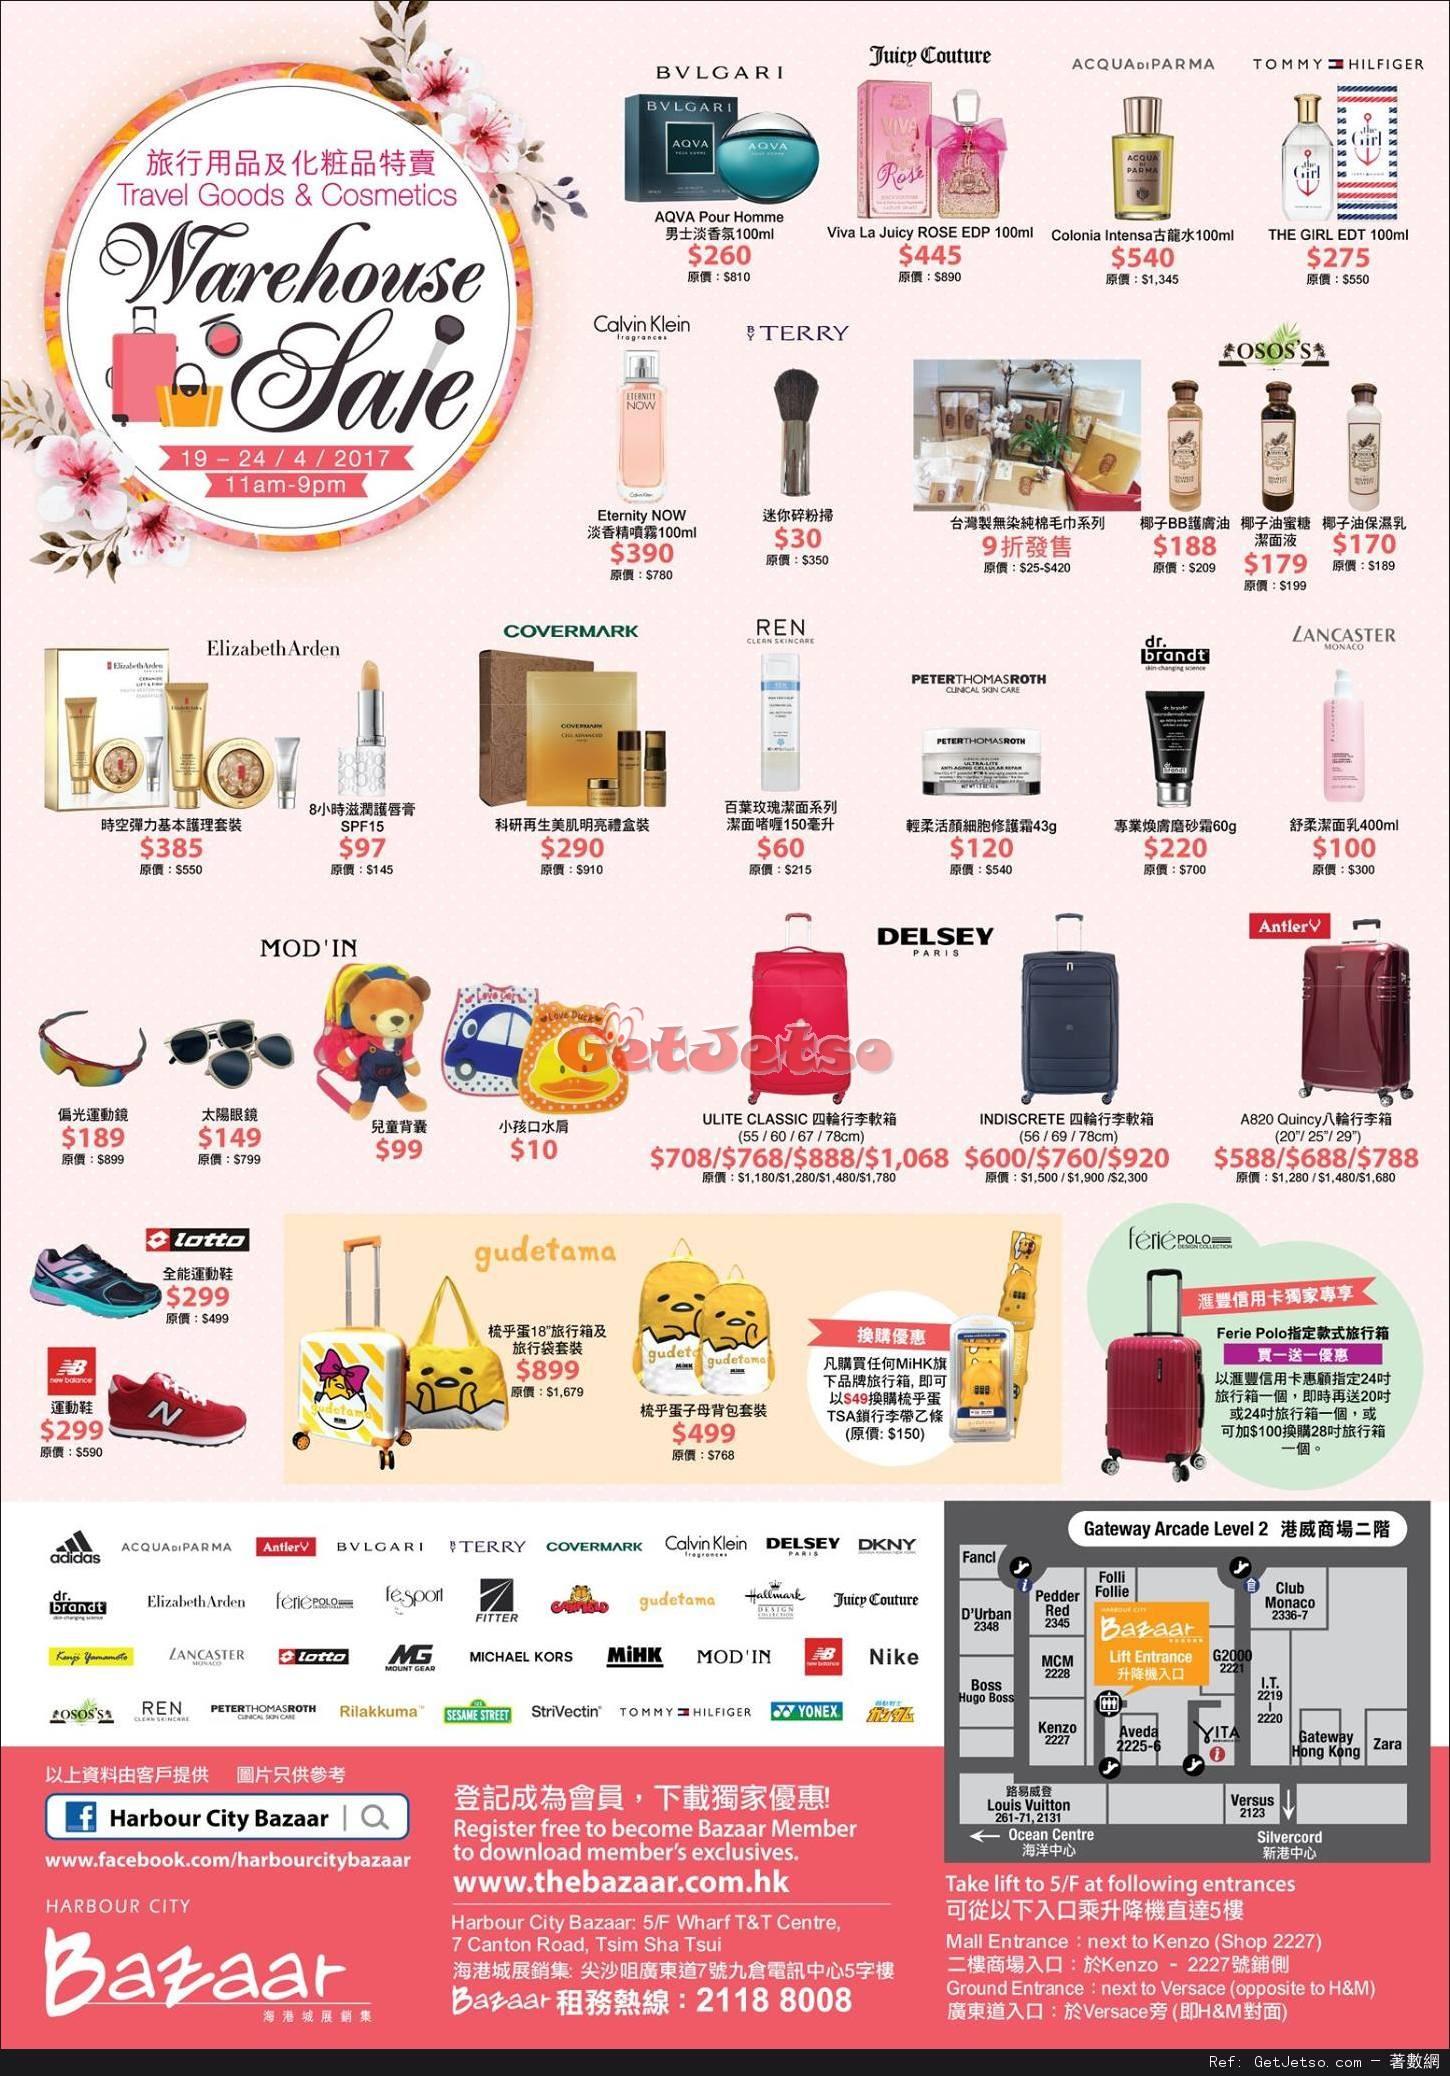 旅行用品及化妝品低至3折特賣優惠(17年4月19-24日)圖片2